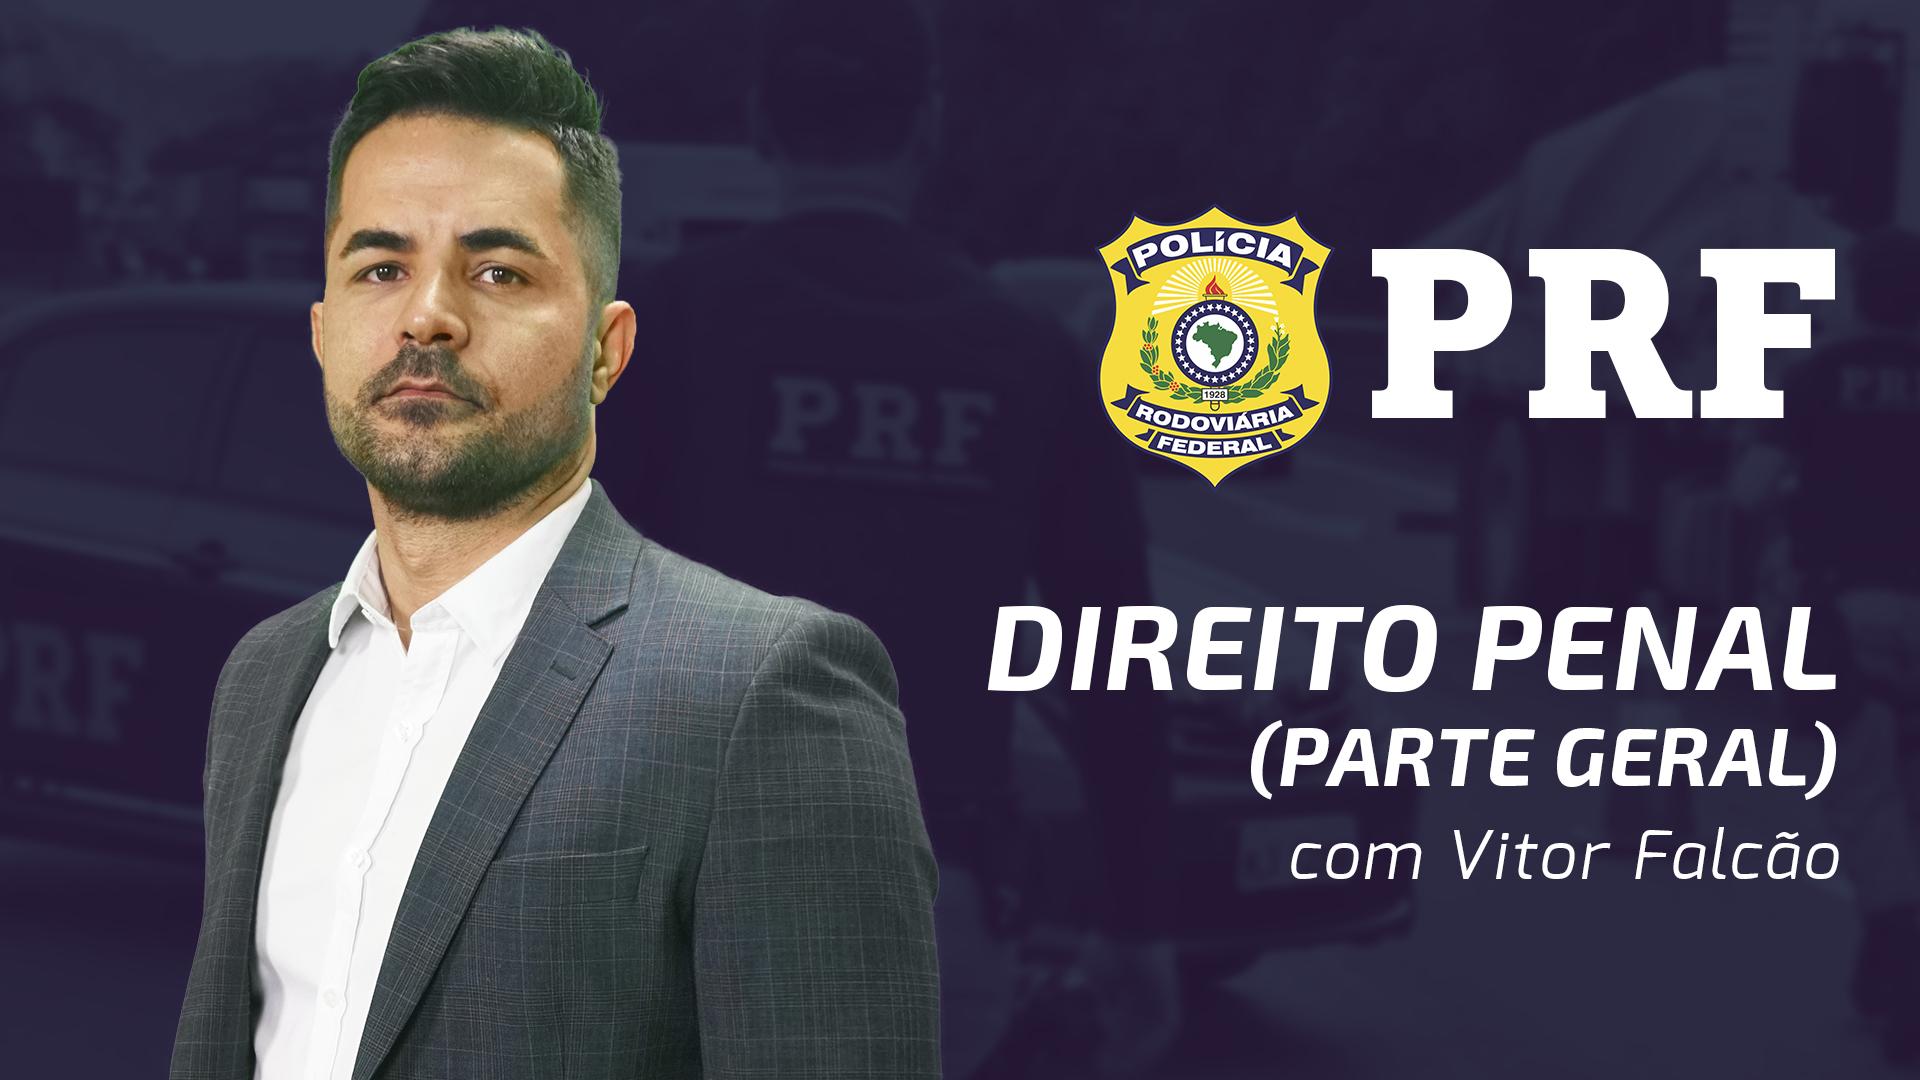 PRF - Direito Penal (Parte Geral) | Vitor Falcão